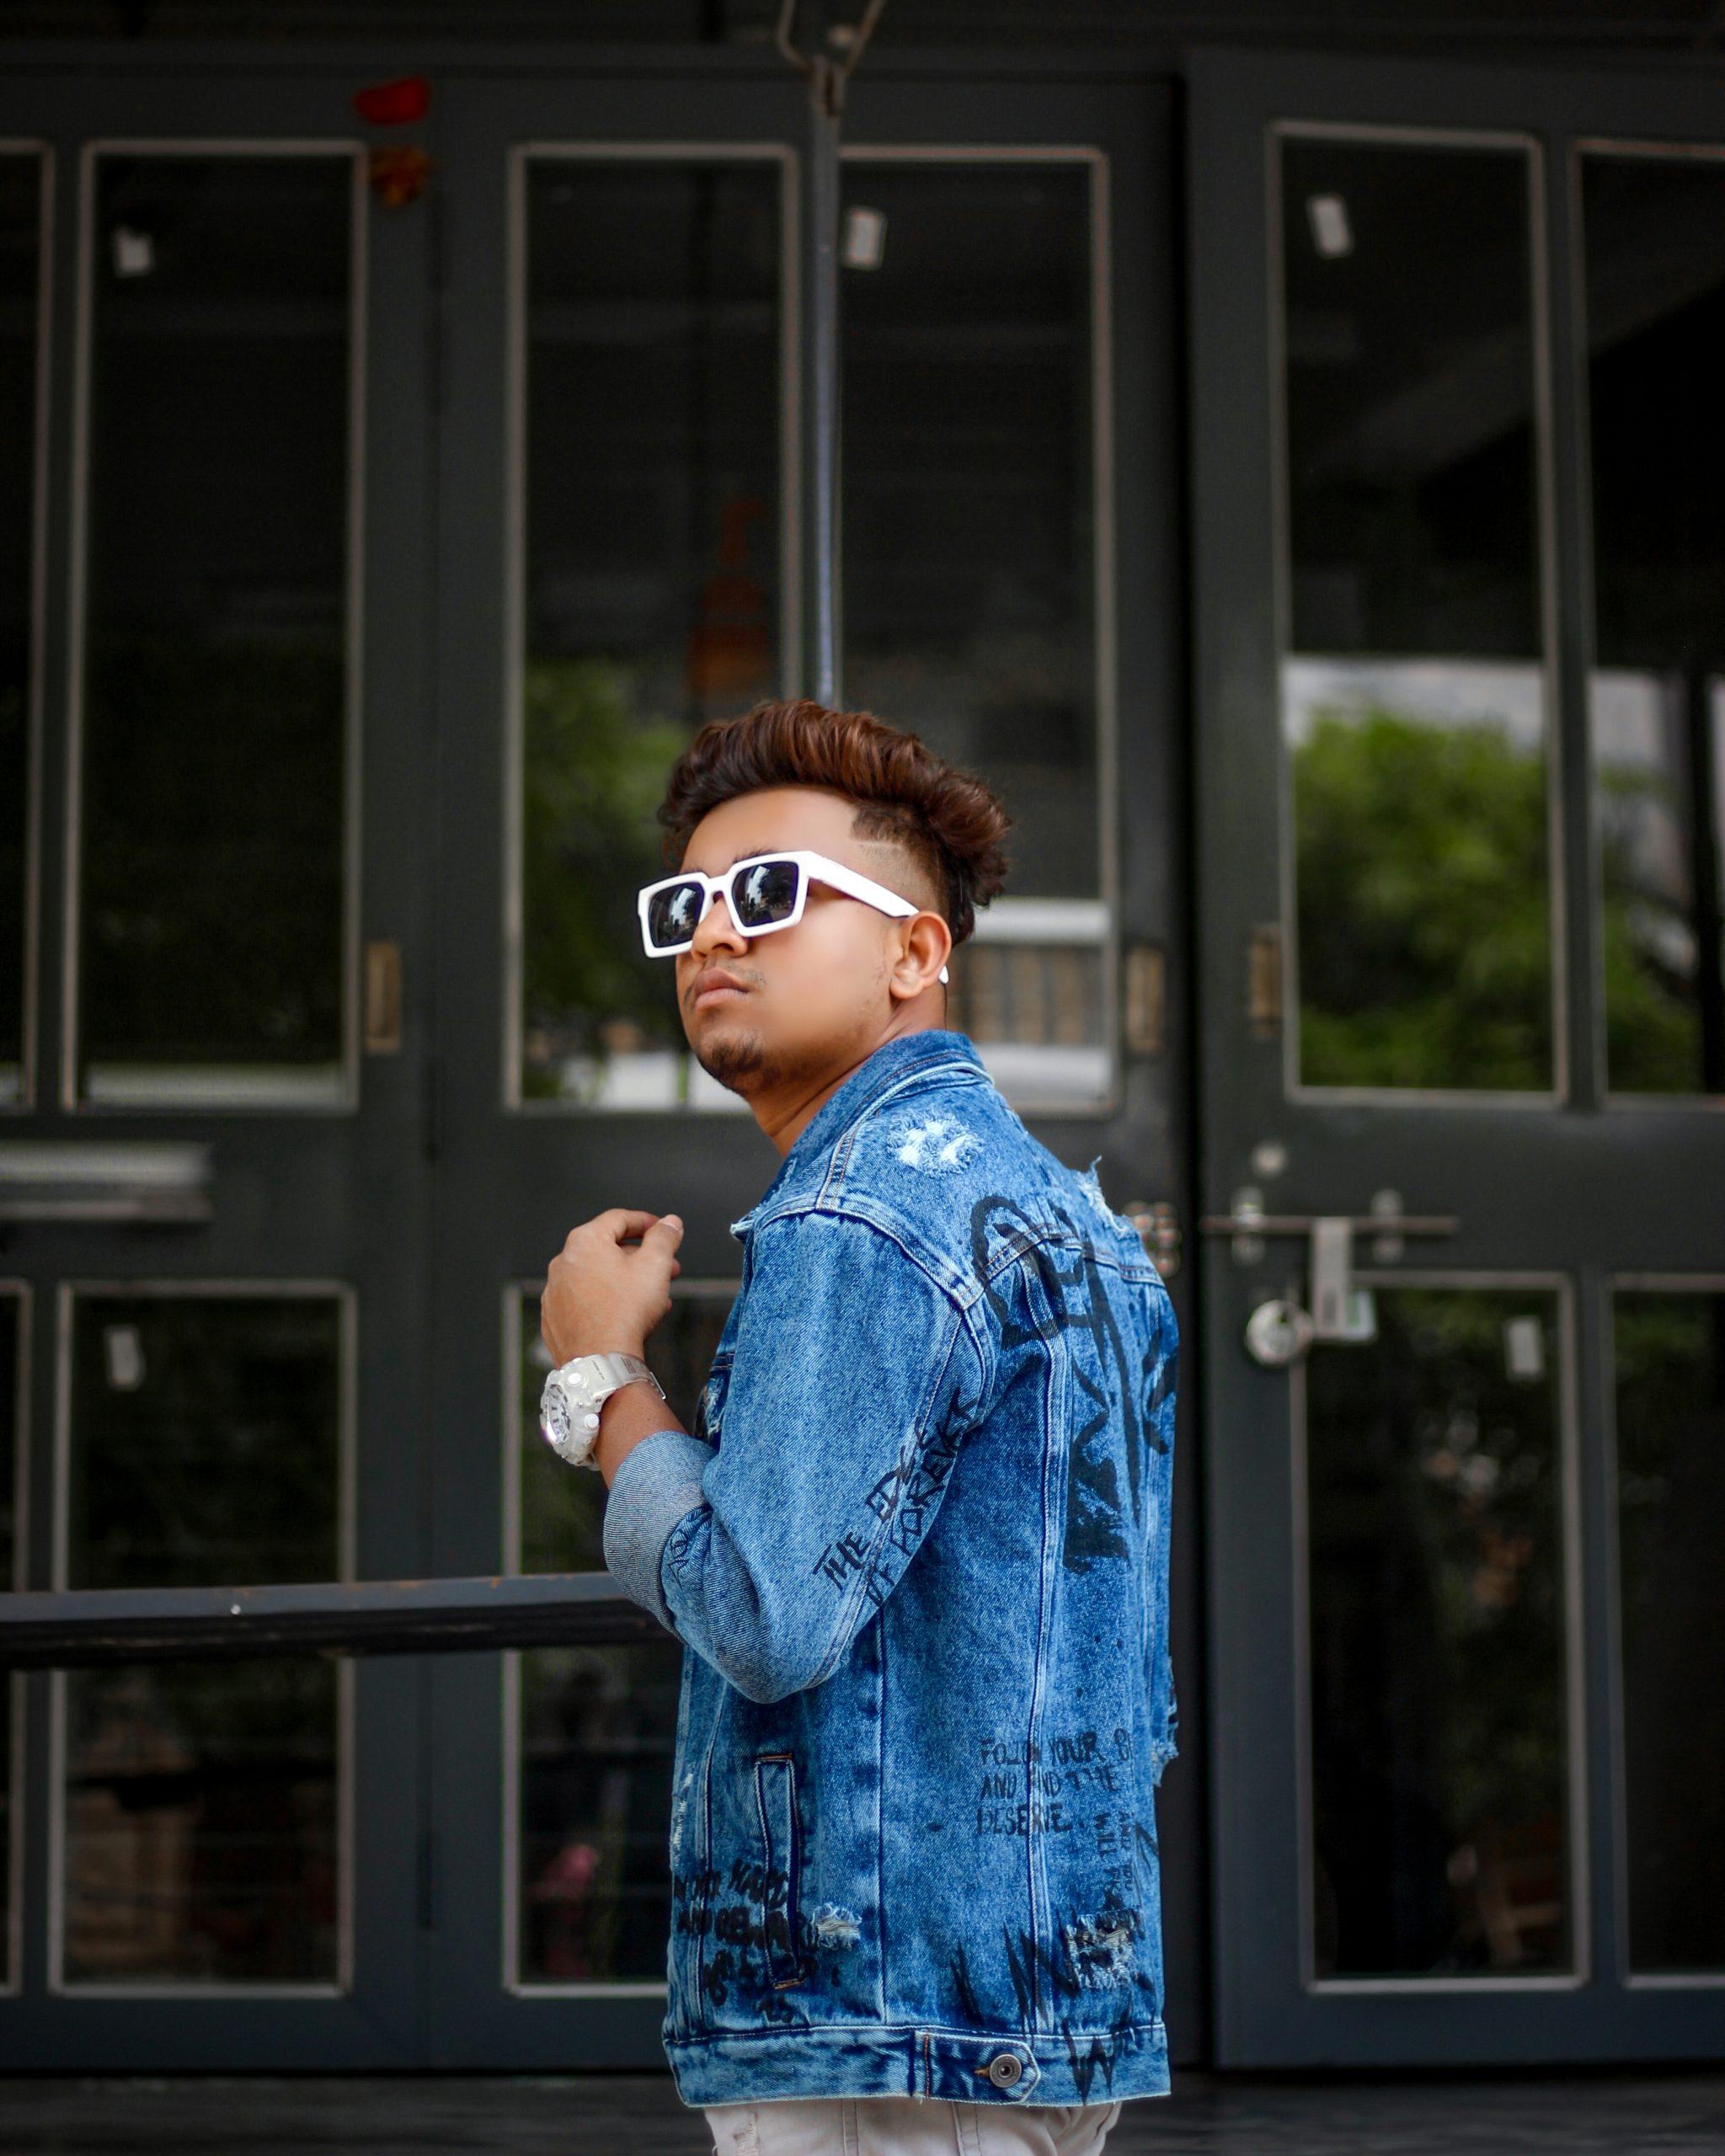 Boy posing in front of door